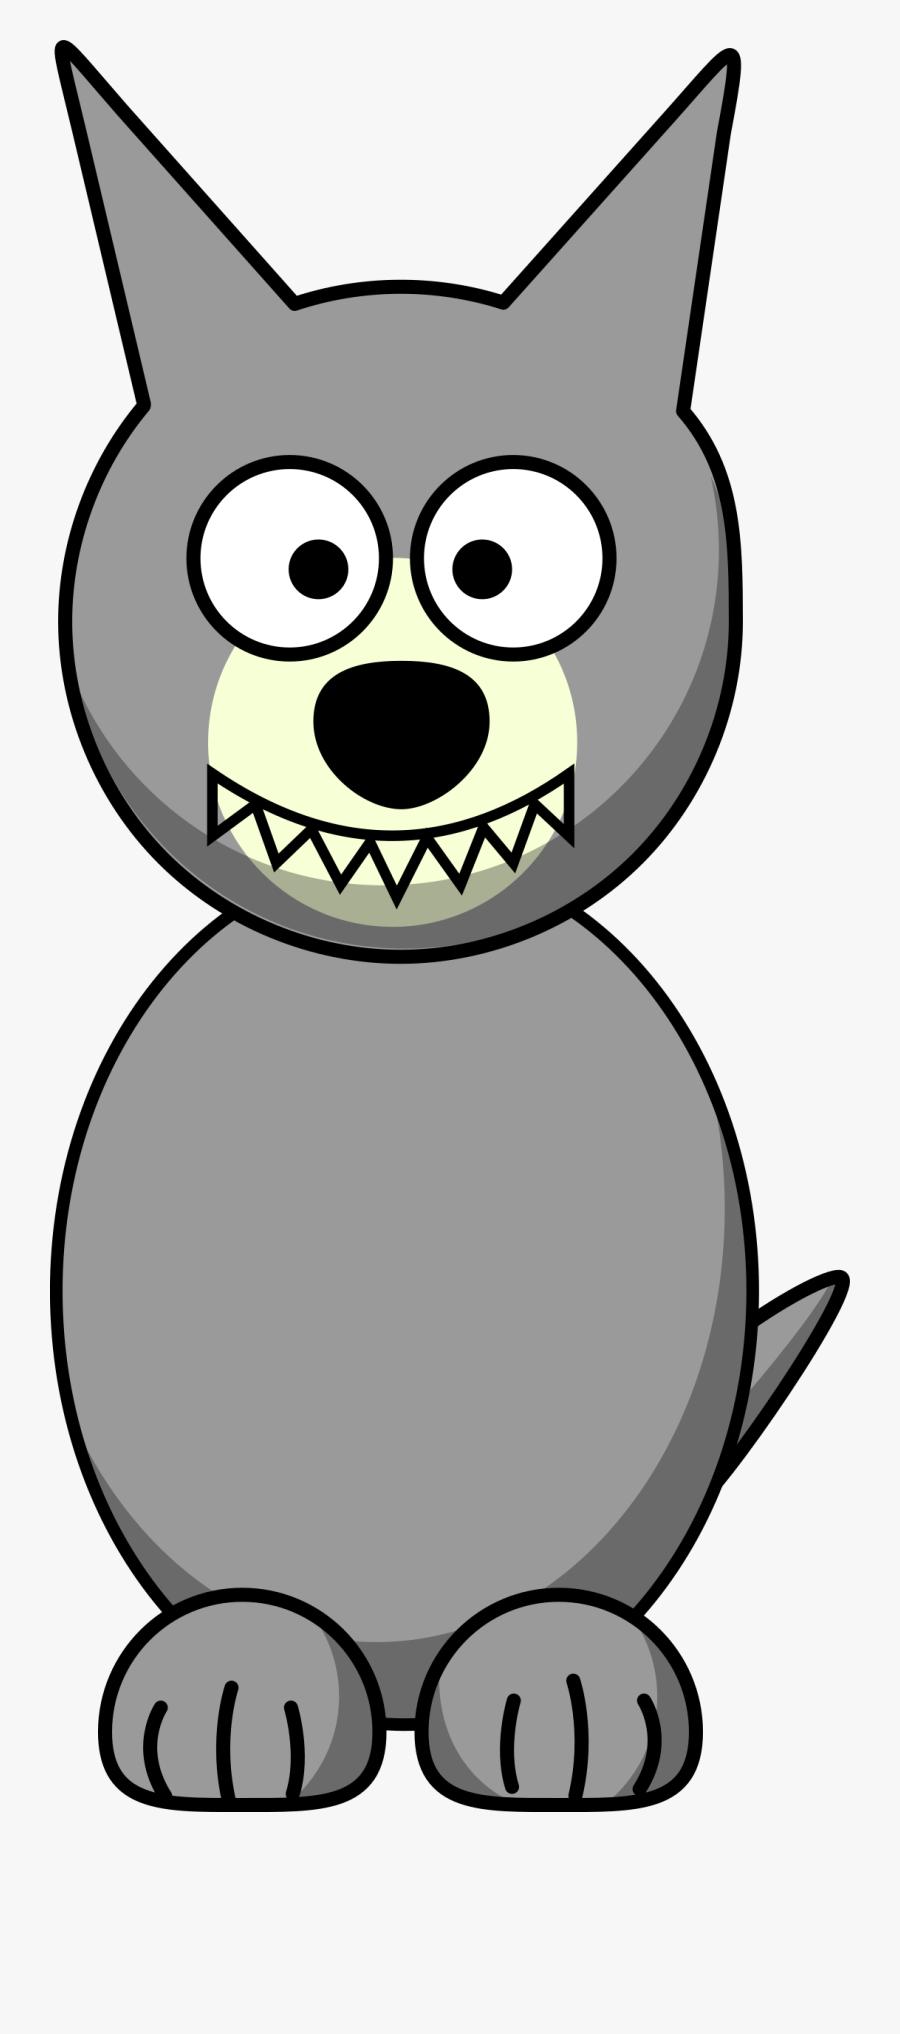 Wolf Cartoon Png - Cartoon Wolf Clipart, Transparent Clipart